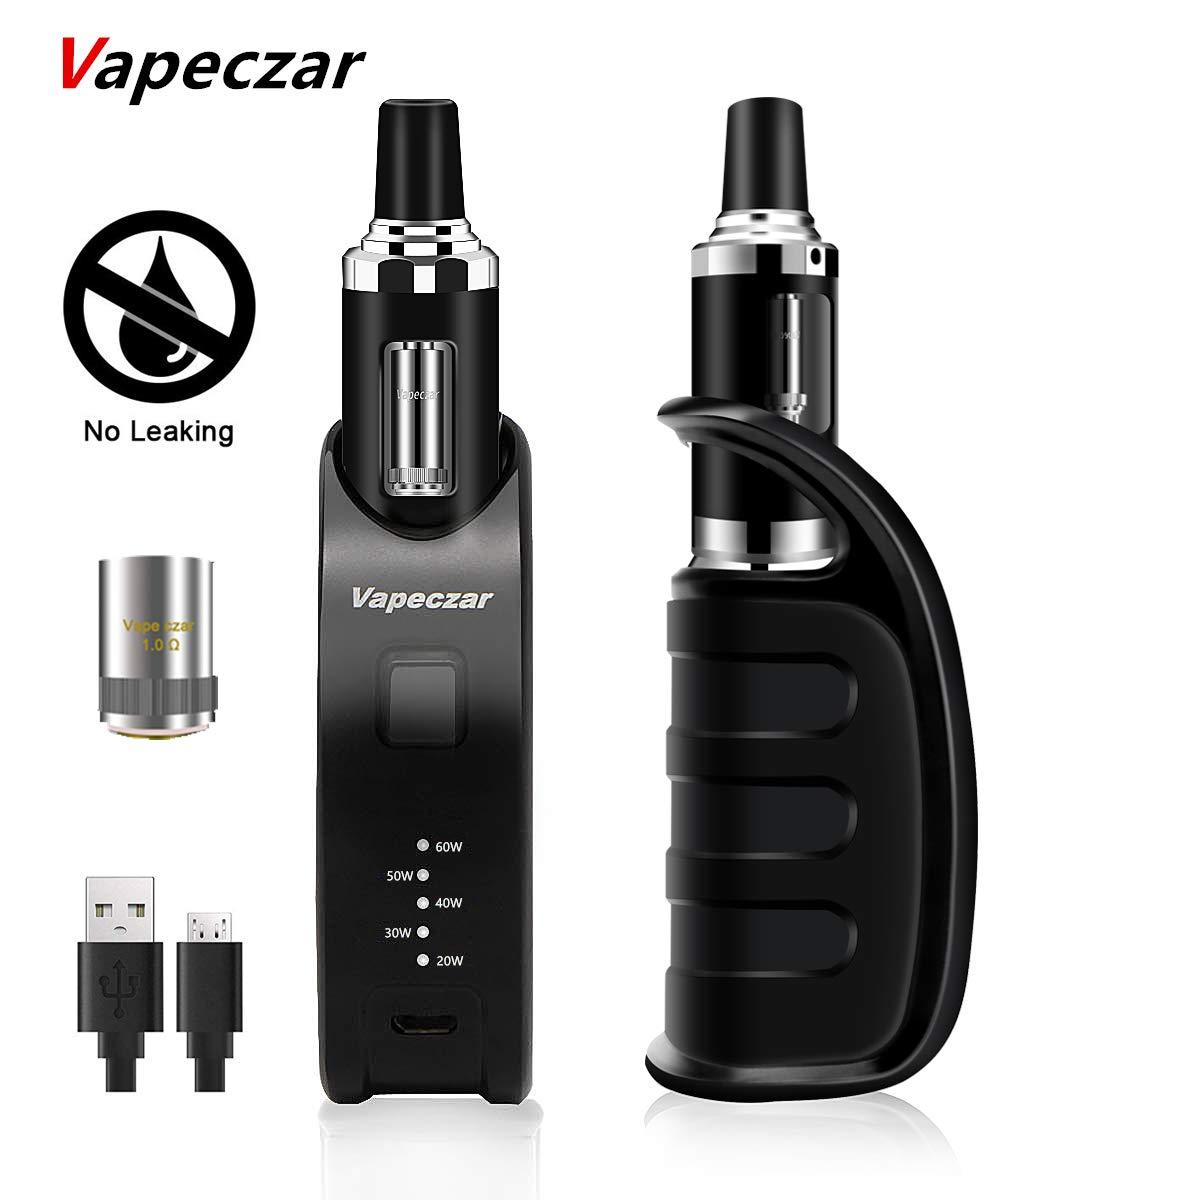 Cigarrillo Electrónico, Kit de Inicio,Vaporizador Rellenado Por Parte Superior, 60W 2 ml